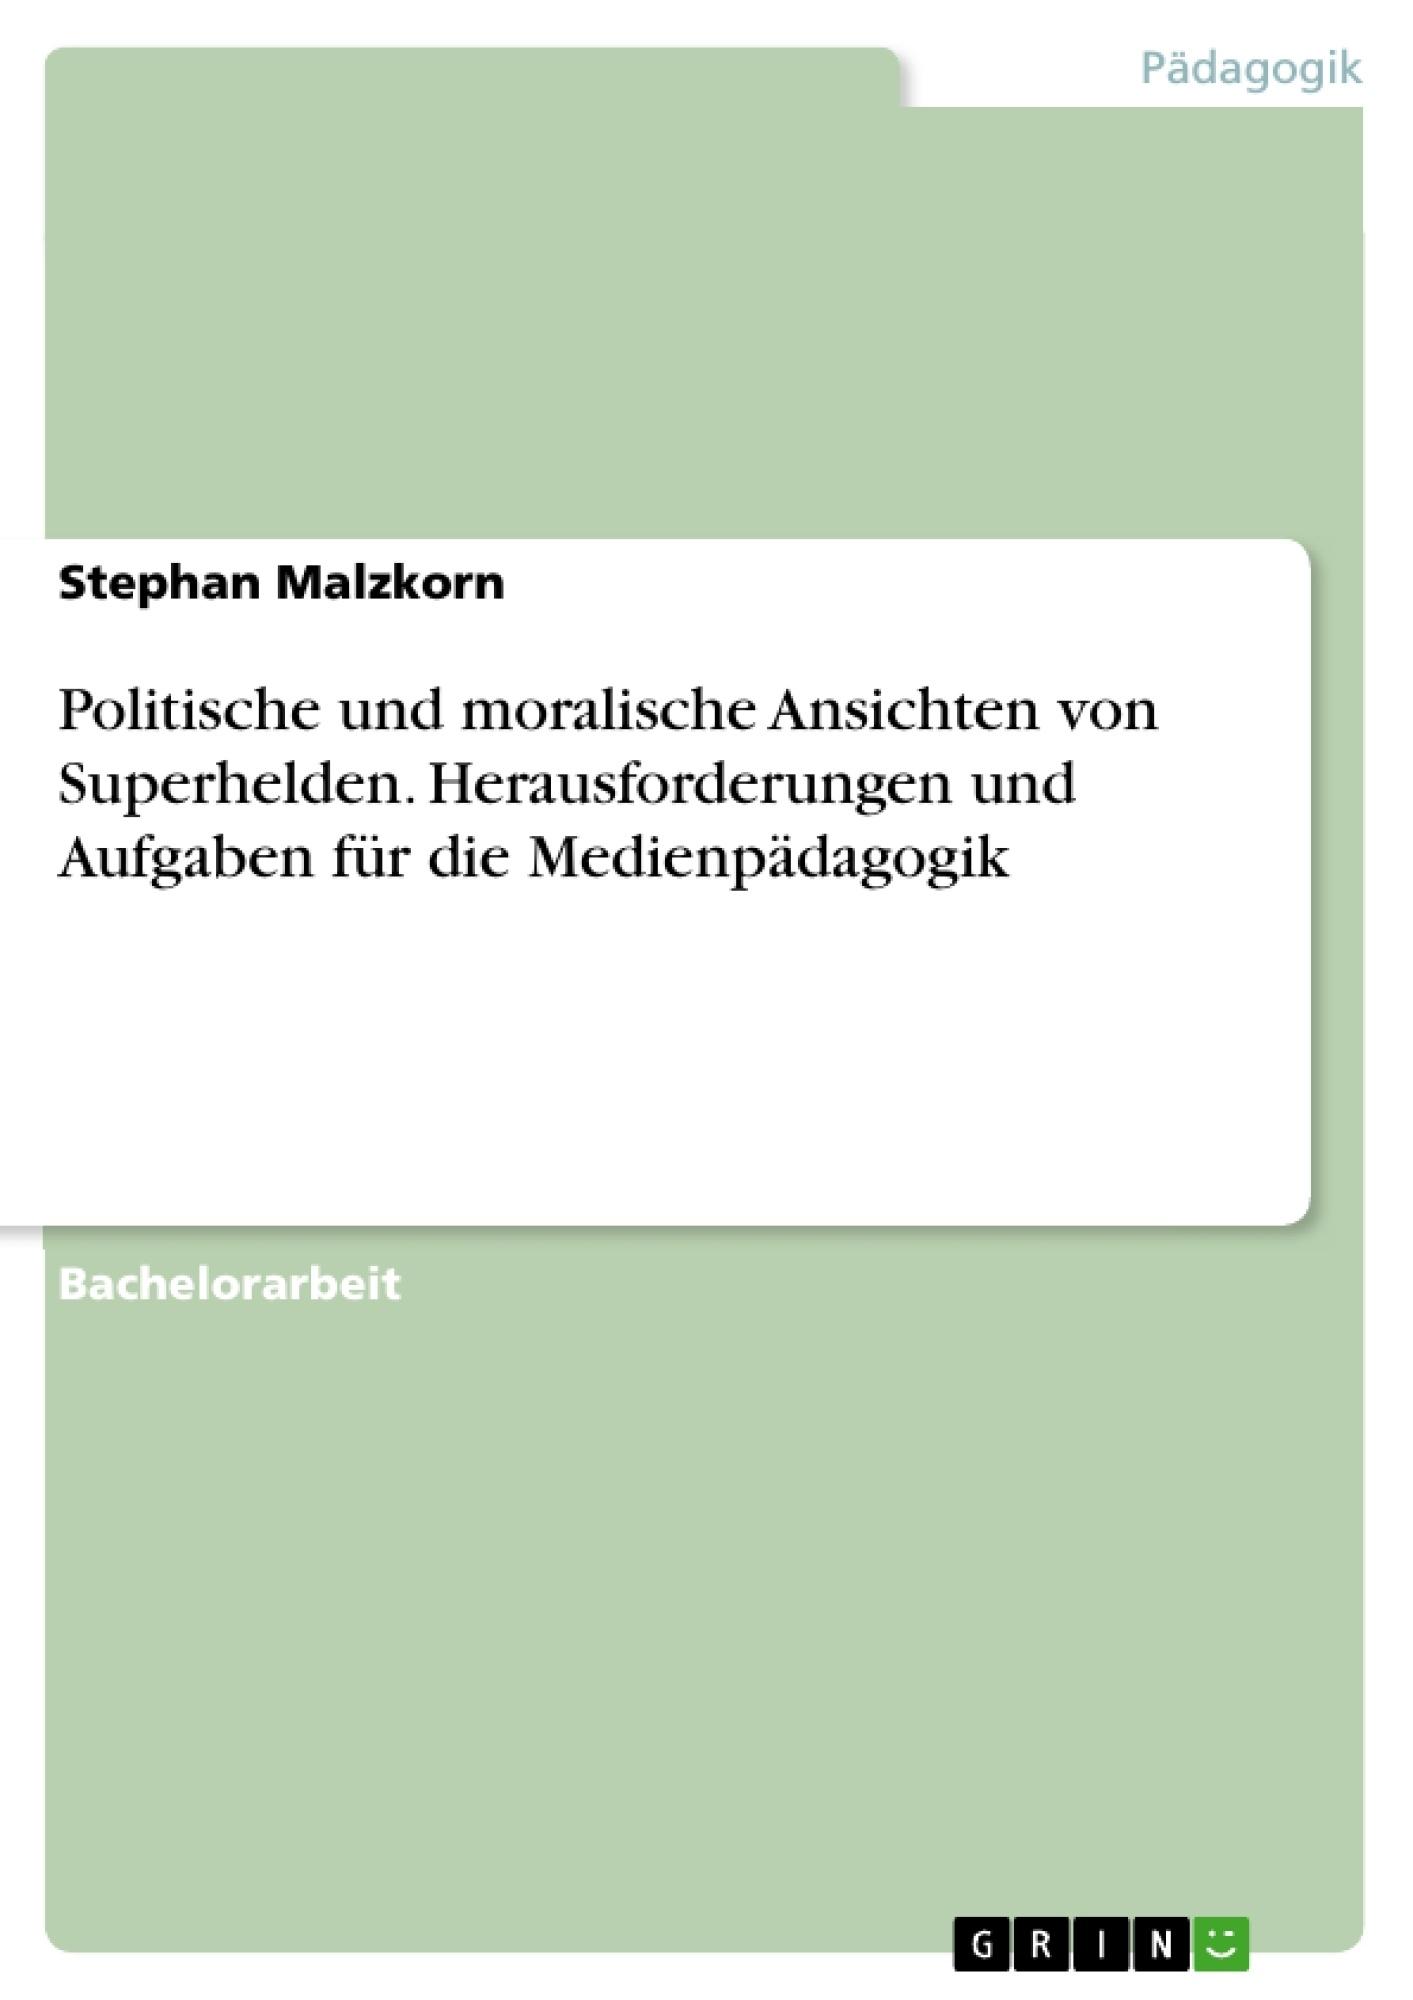 Titel: Politische und moralische Ansichten von Superhelden. Herausforderungen und Aufgaben für die Medienpädagogik